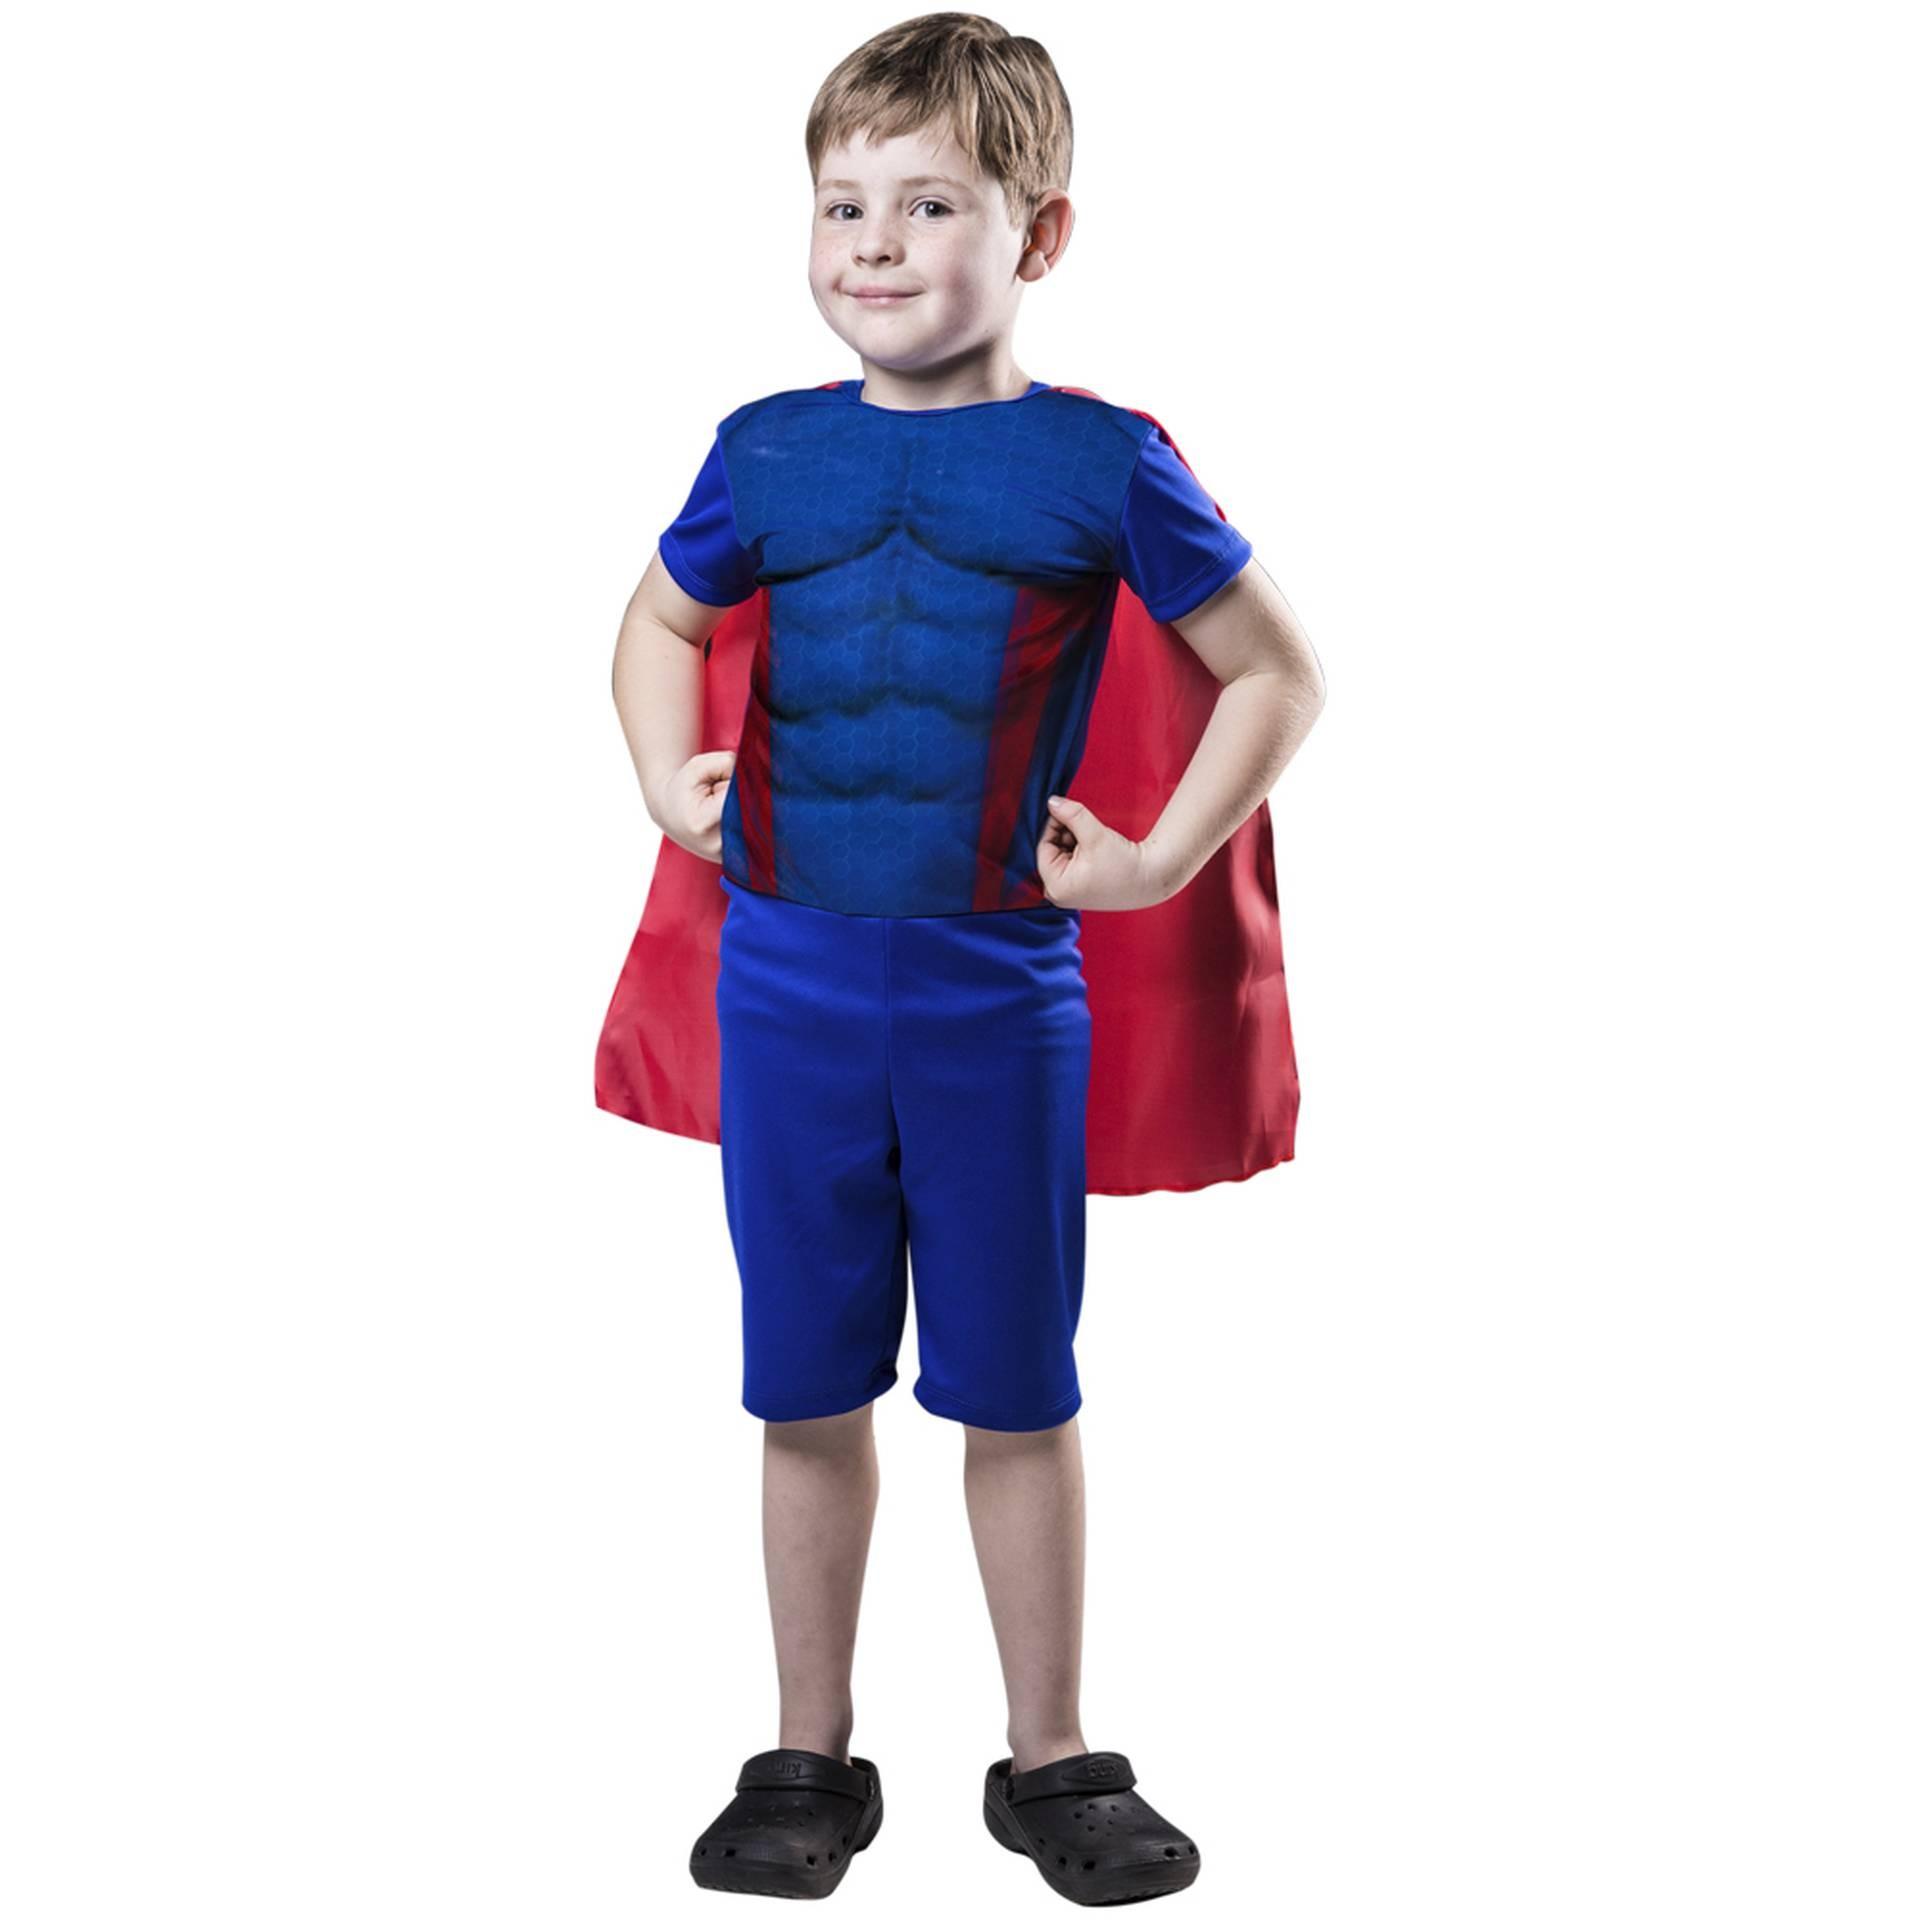 Fantasia de Capitão Estelar, macacão curto com capa para meninos